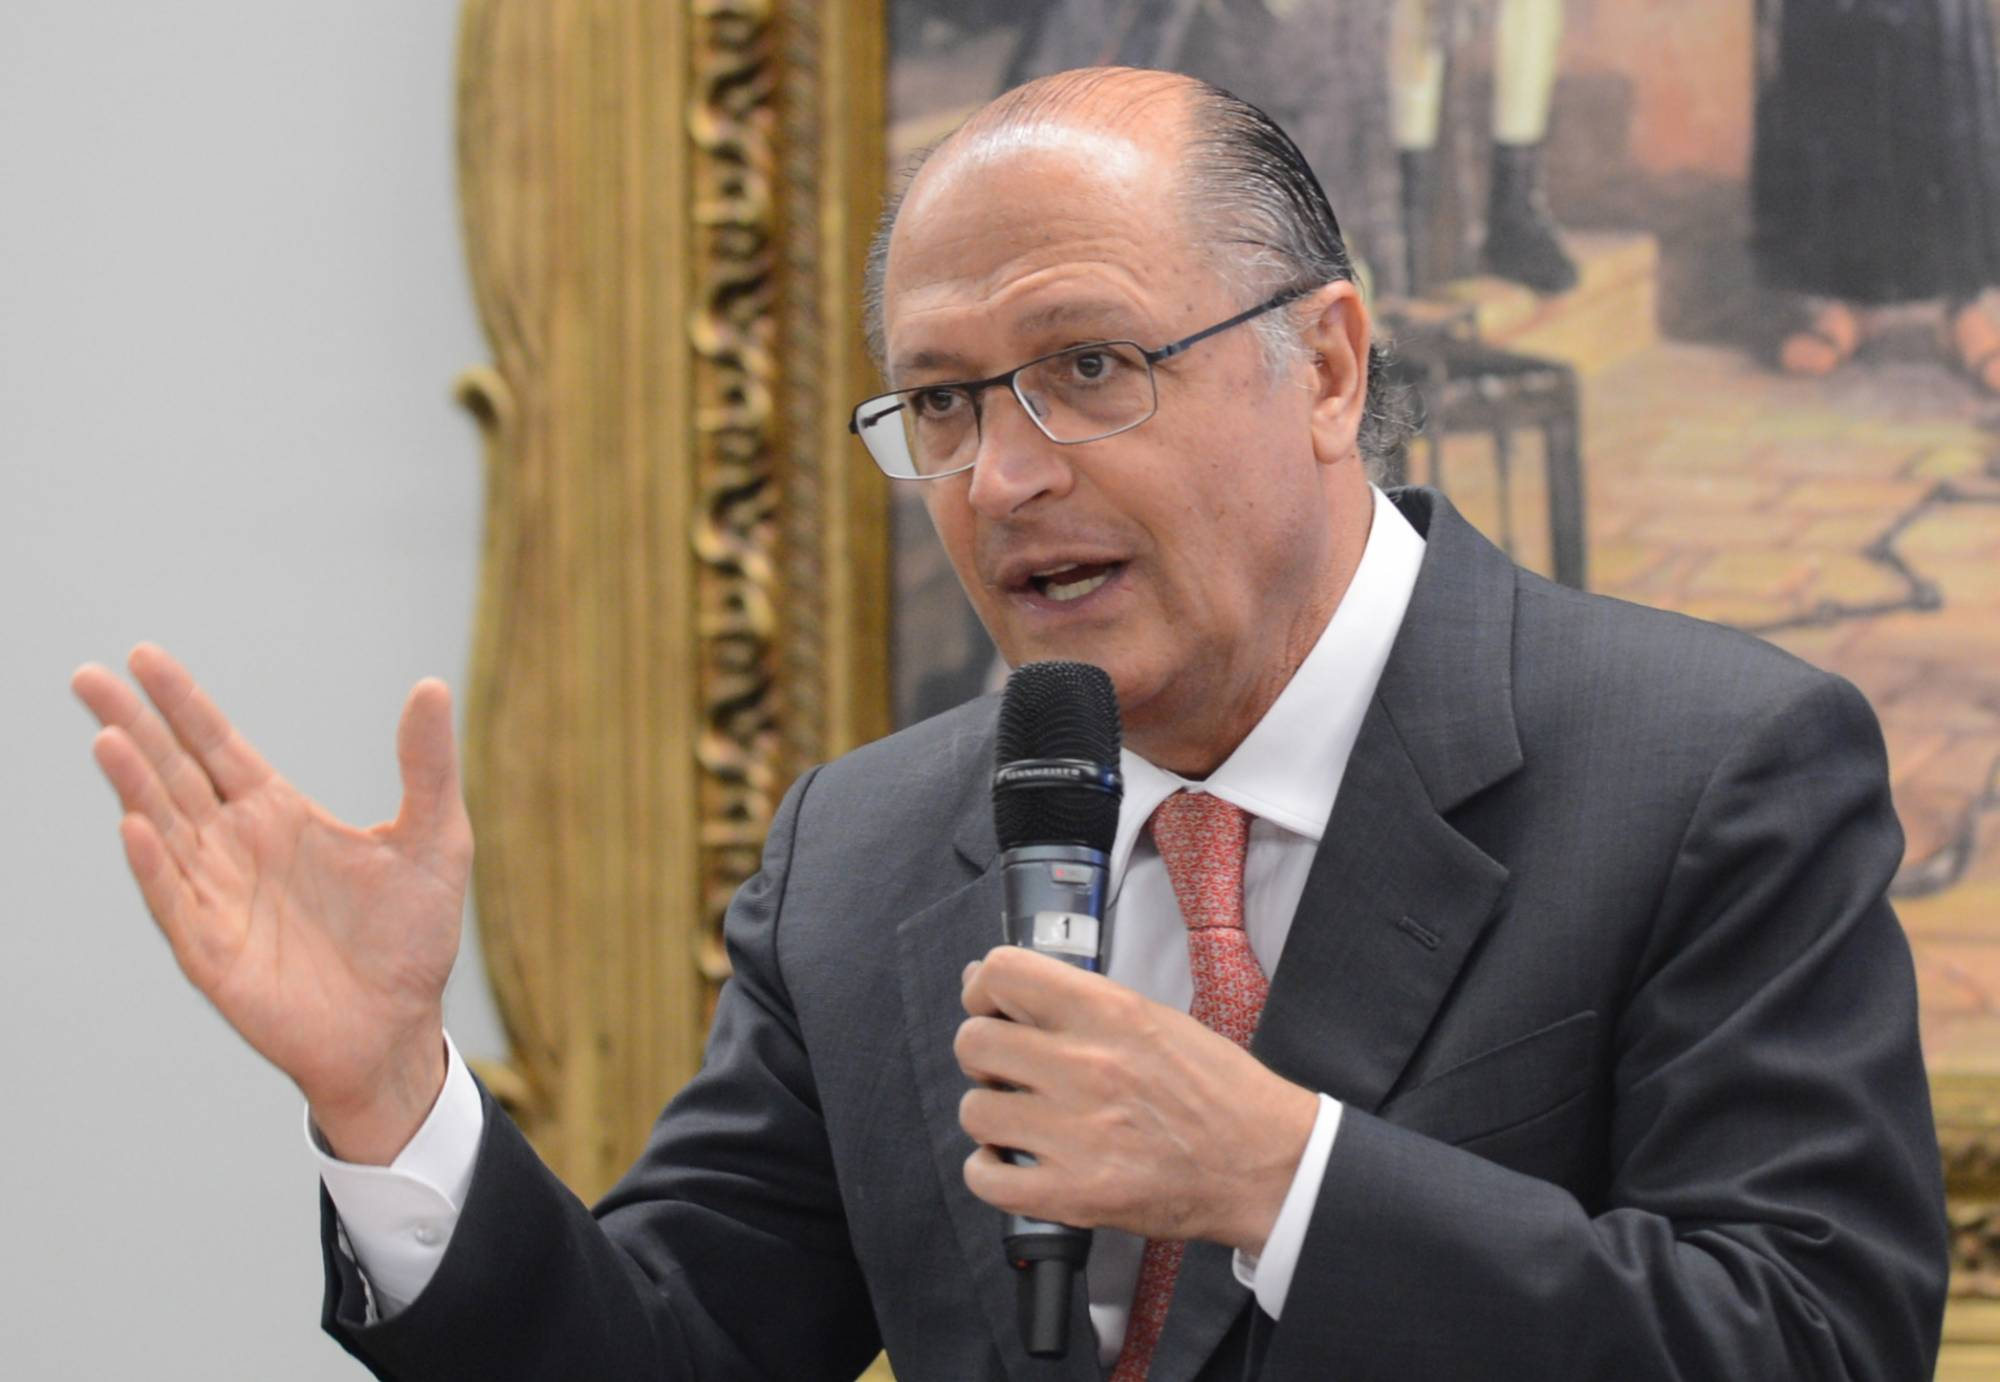 Quase 60% dos eleitores de SP acham que Alckmin não merece ser presidente, diz Paraná Pesquisas